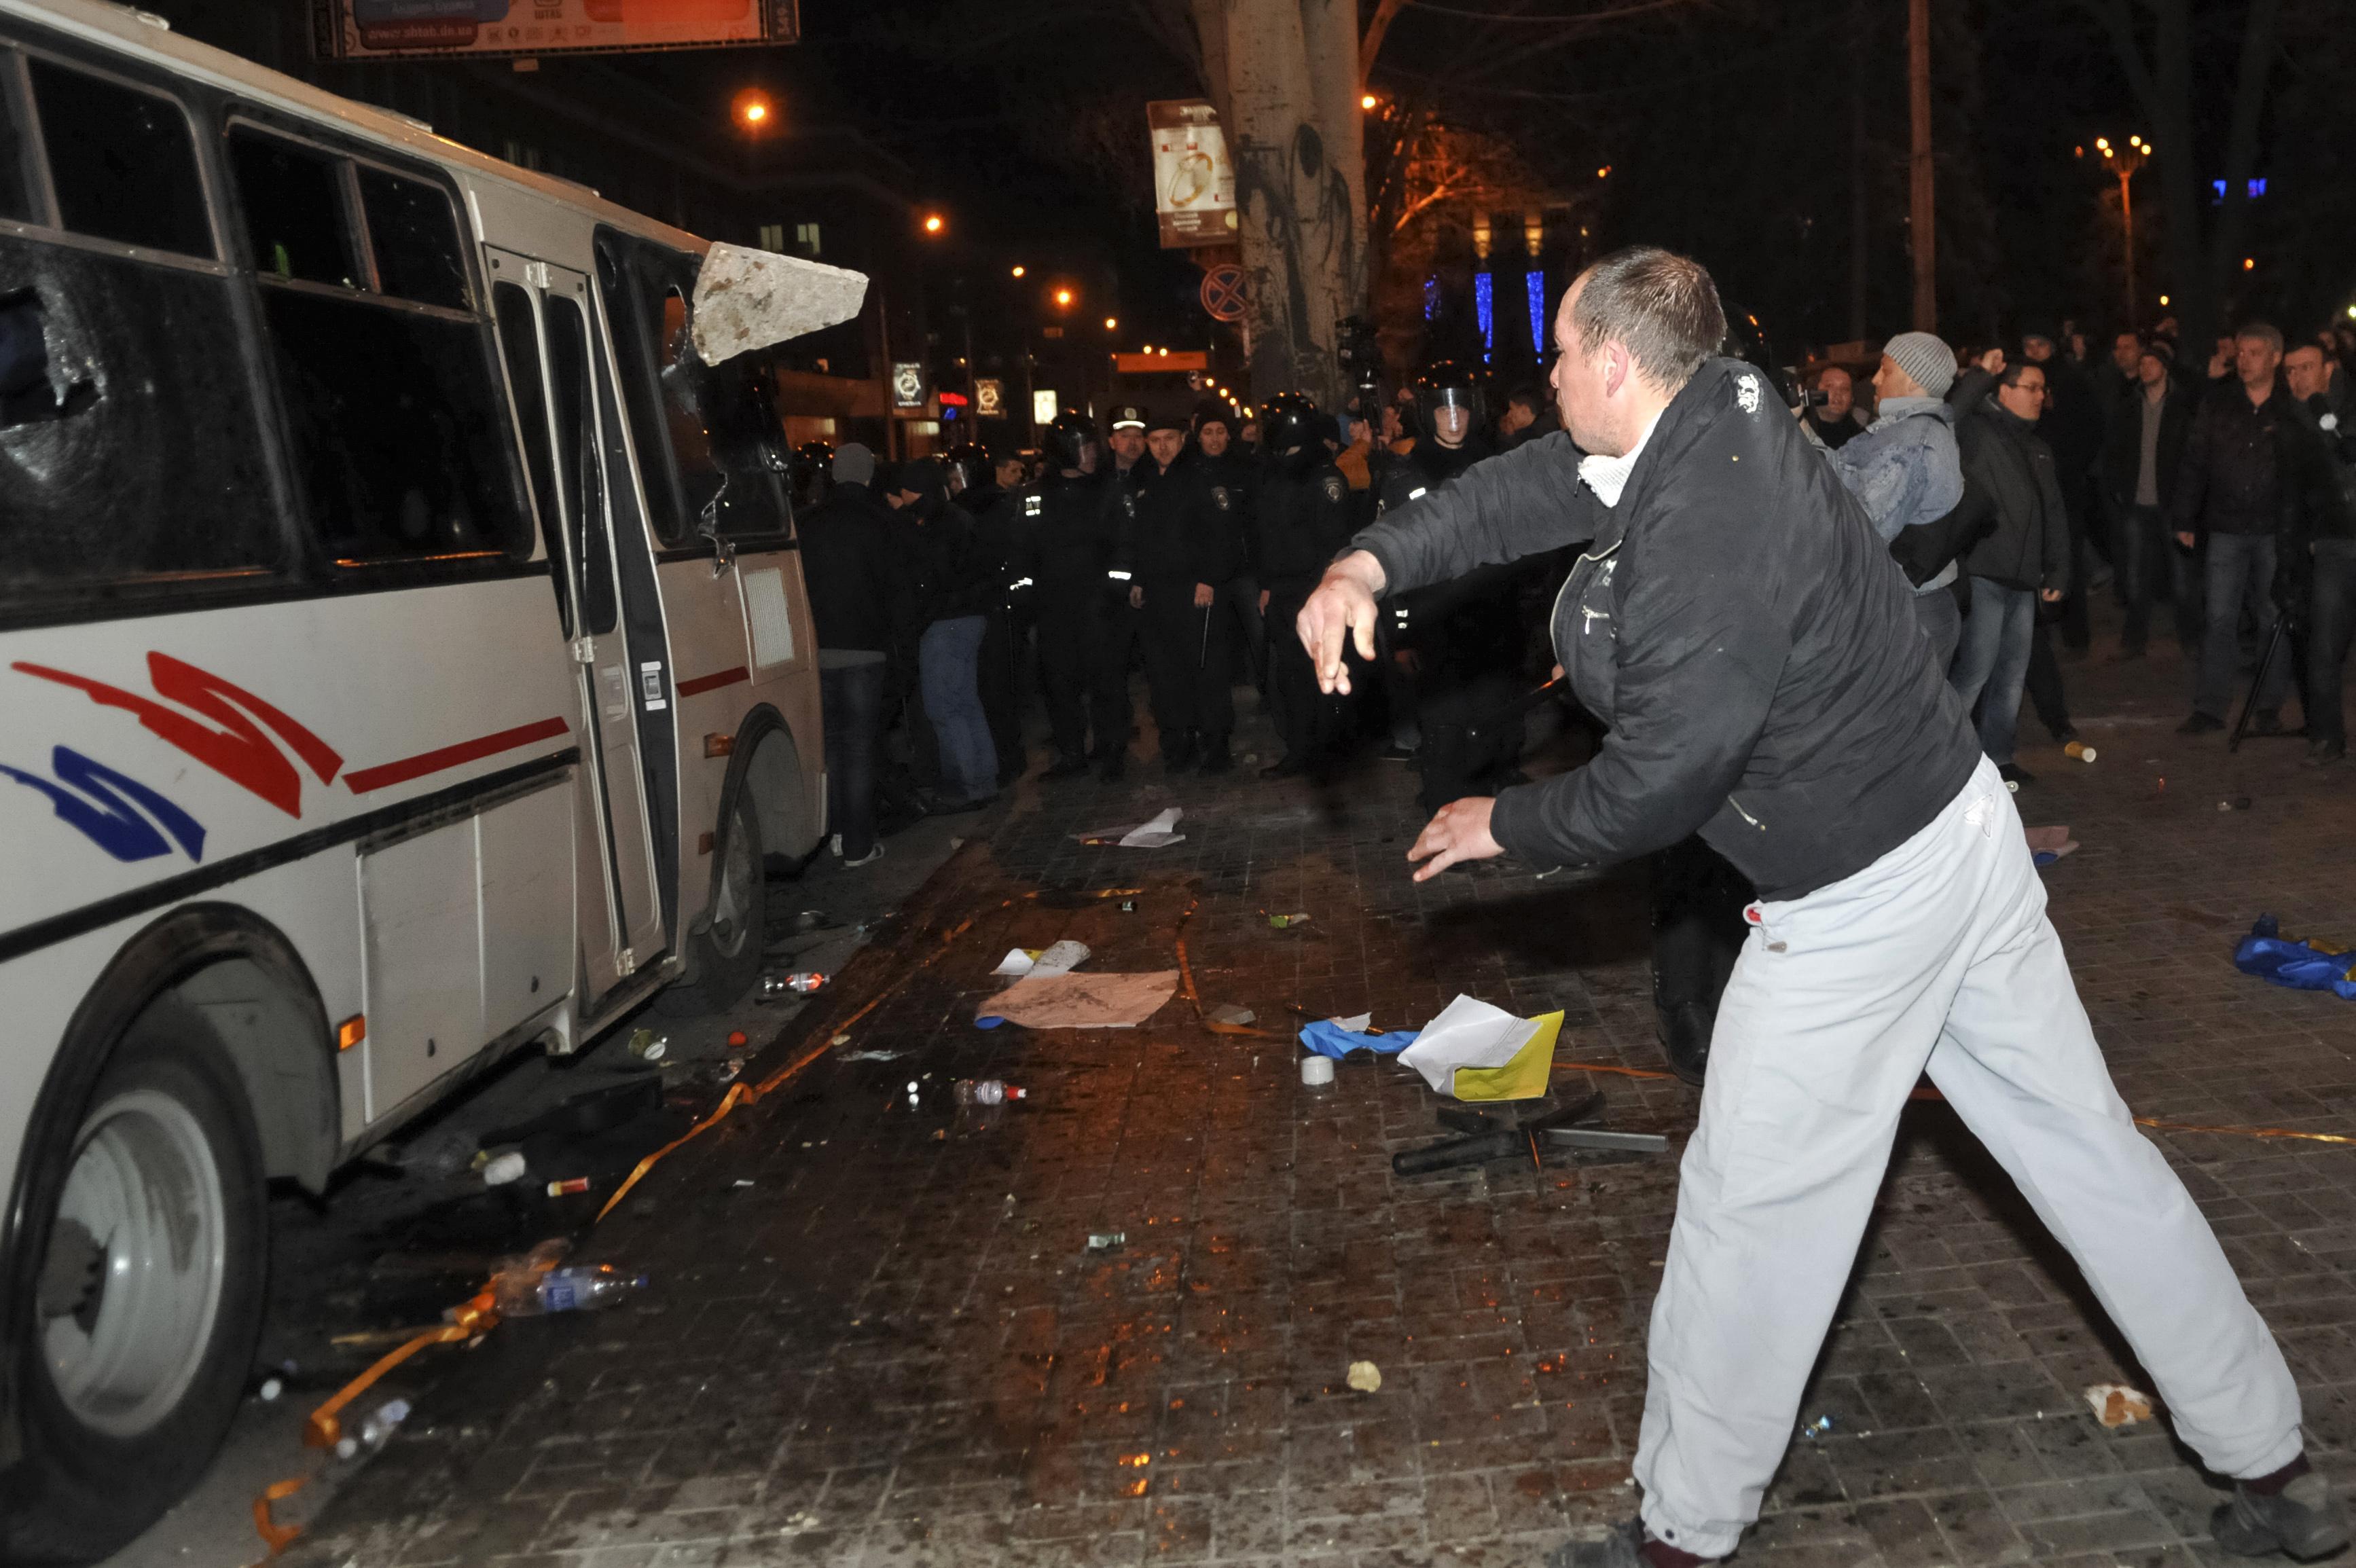 Manifestante atira pedra em veículo na cidade ucraniana de Donetsk, onde uma pessoa morreu | Mikhail Maslovsky/Reuters